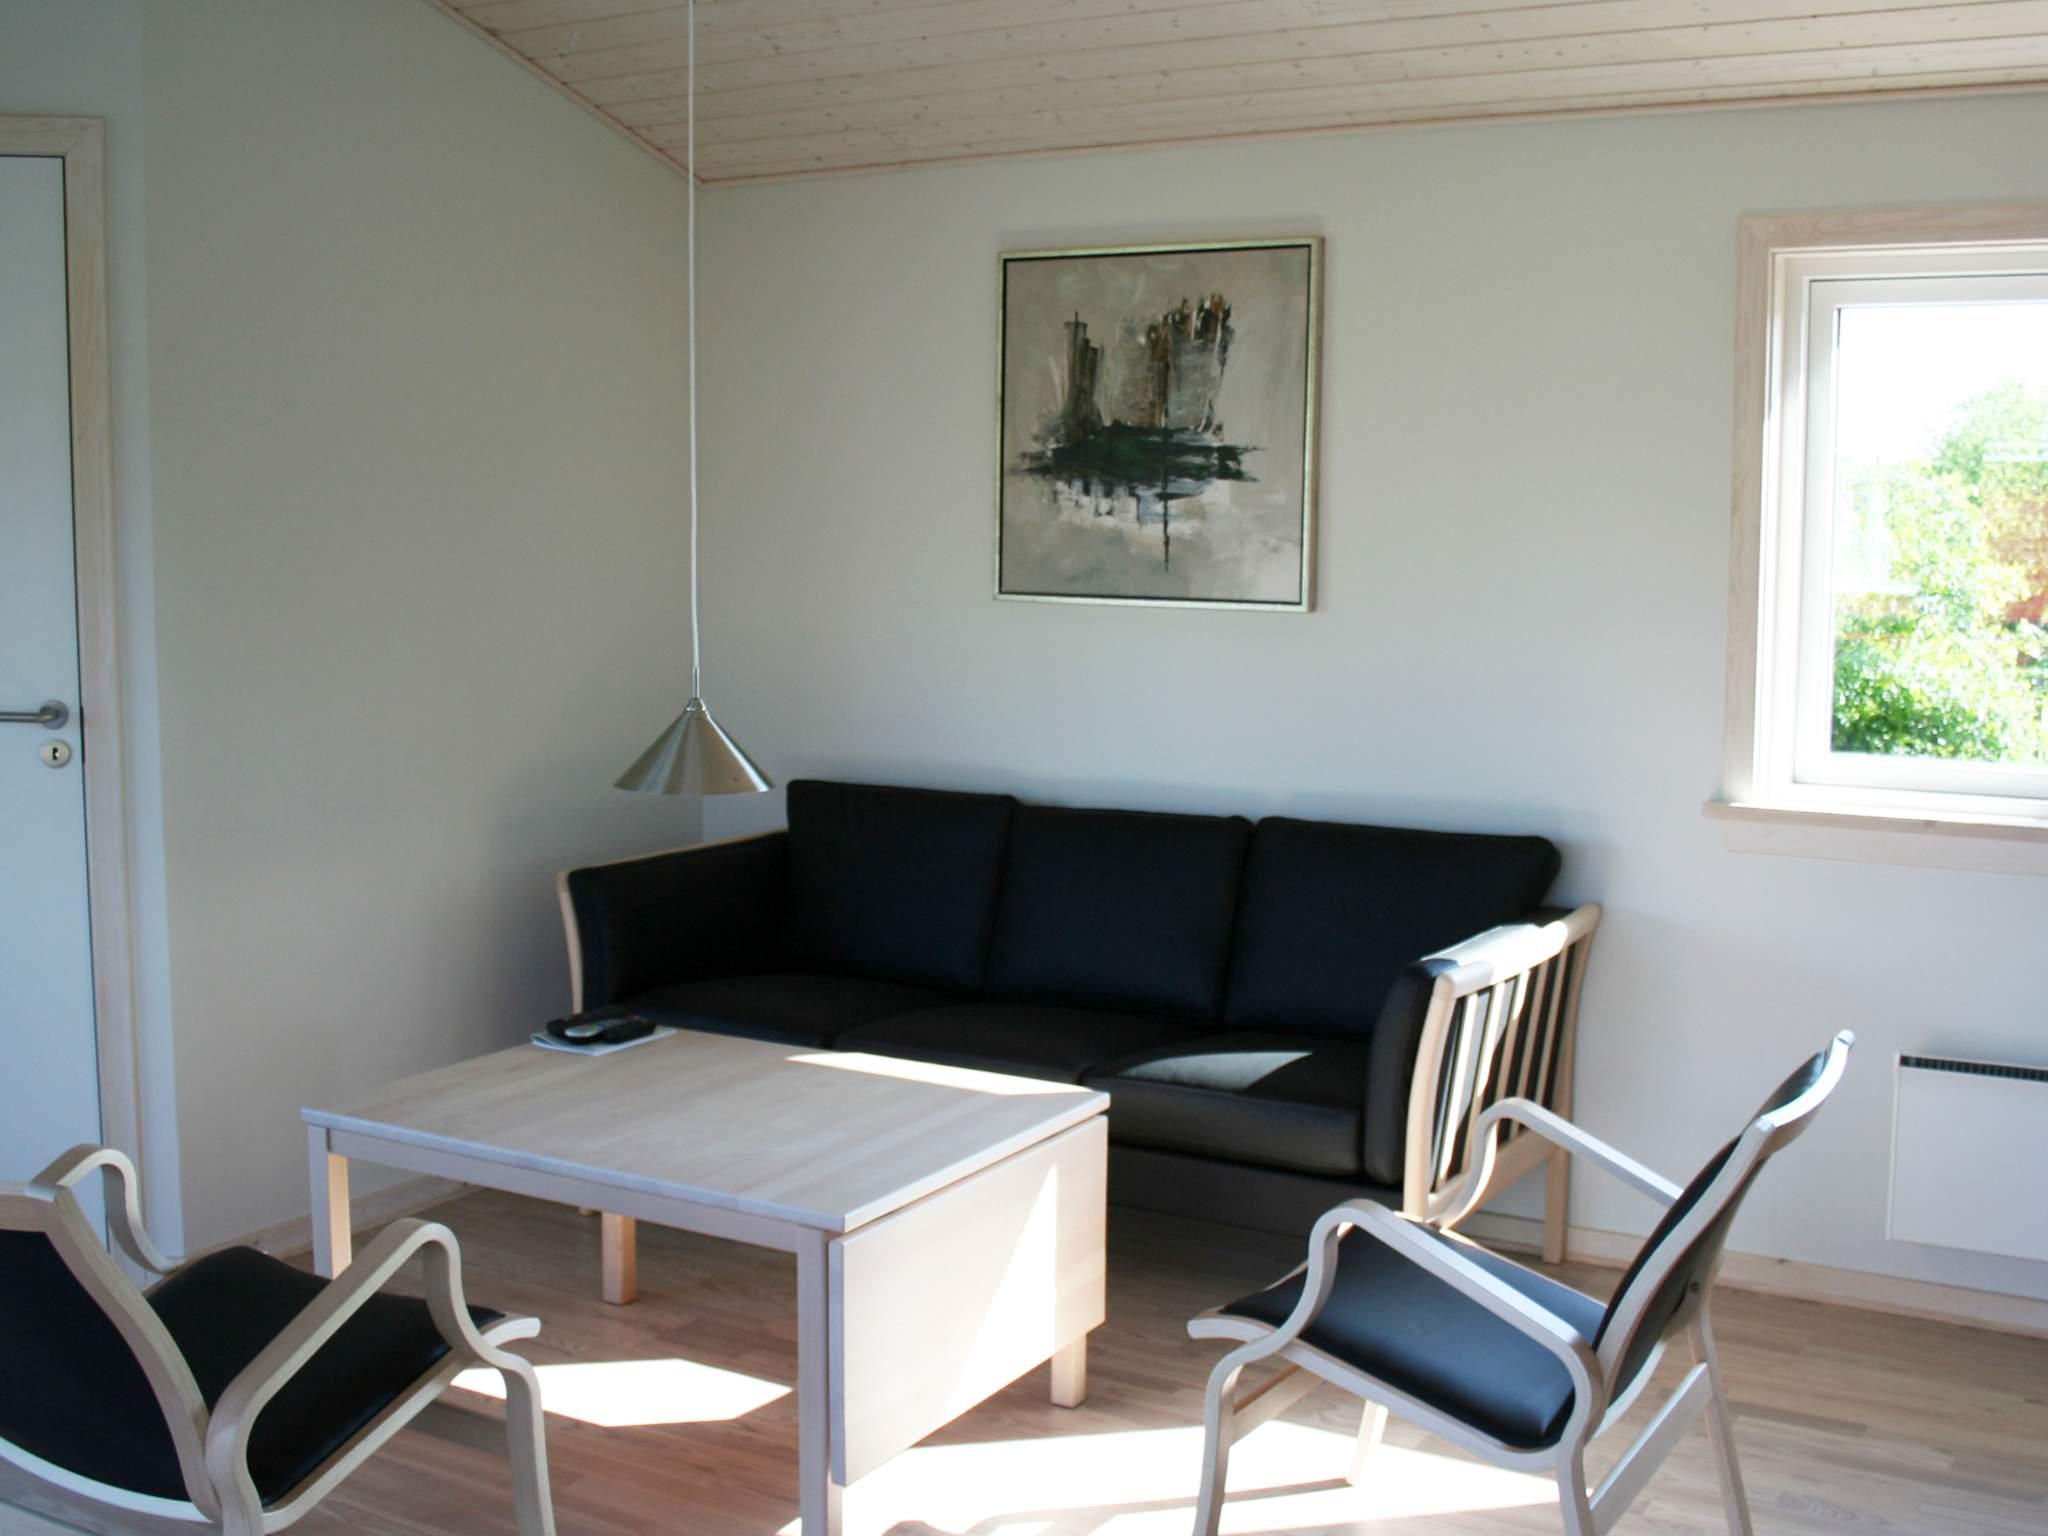 Ferienhaus Rø/Gudhjem (251661), Gudhjem, , Bornholm, Dänemark, Bild 5